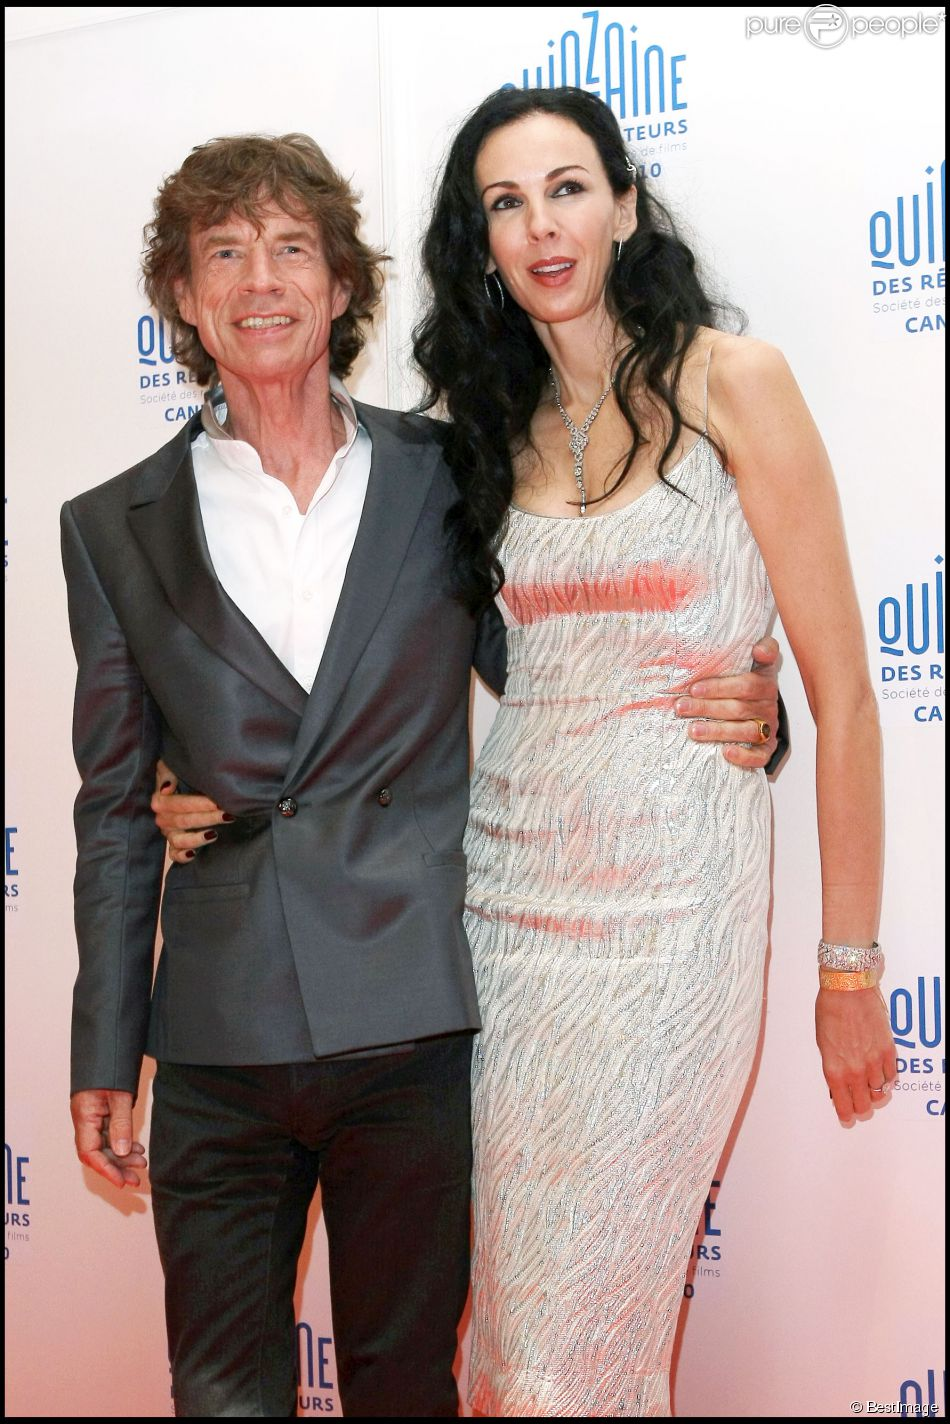 Mick Jagger et L'Wren Scott à Cannes, le 19 mai 2010.